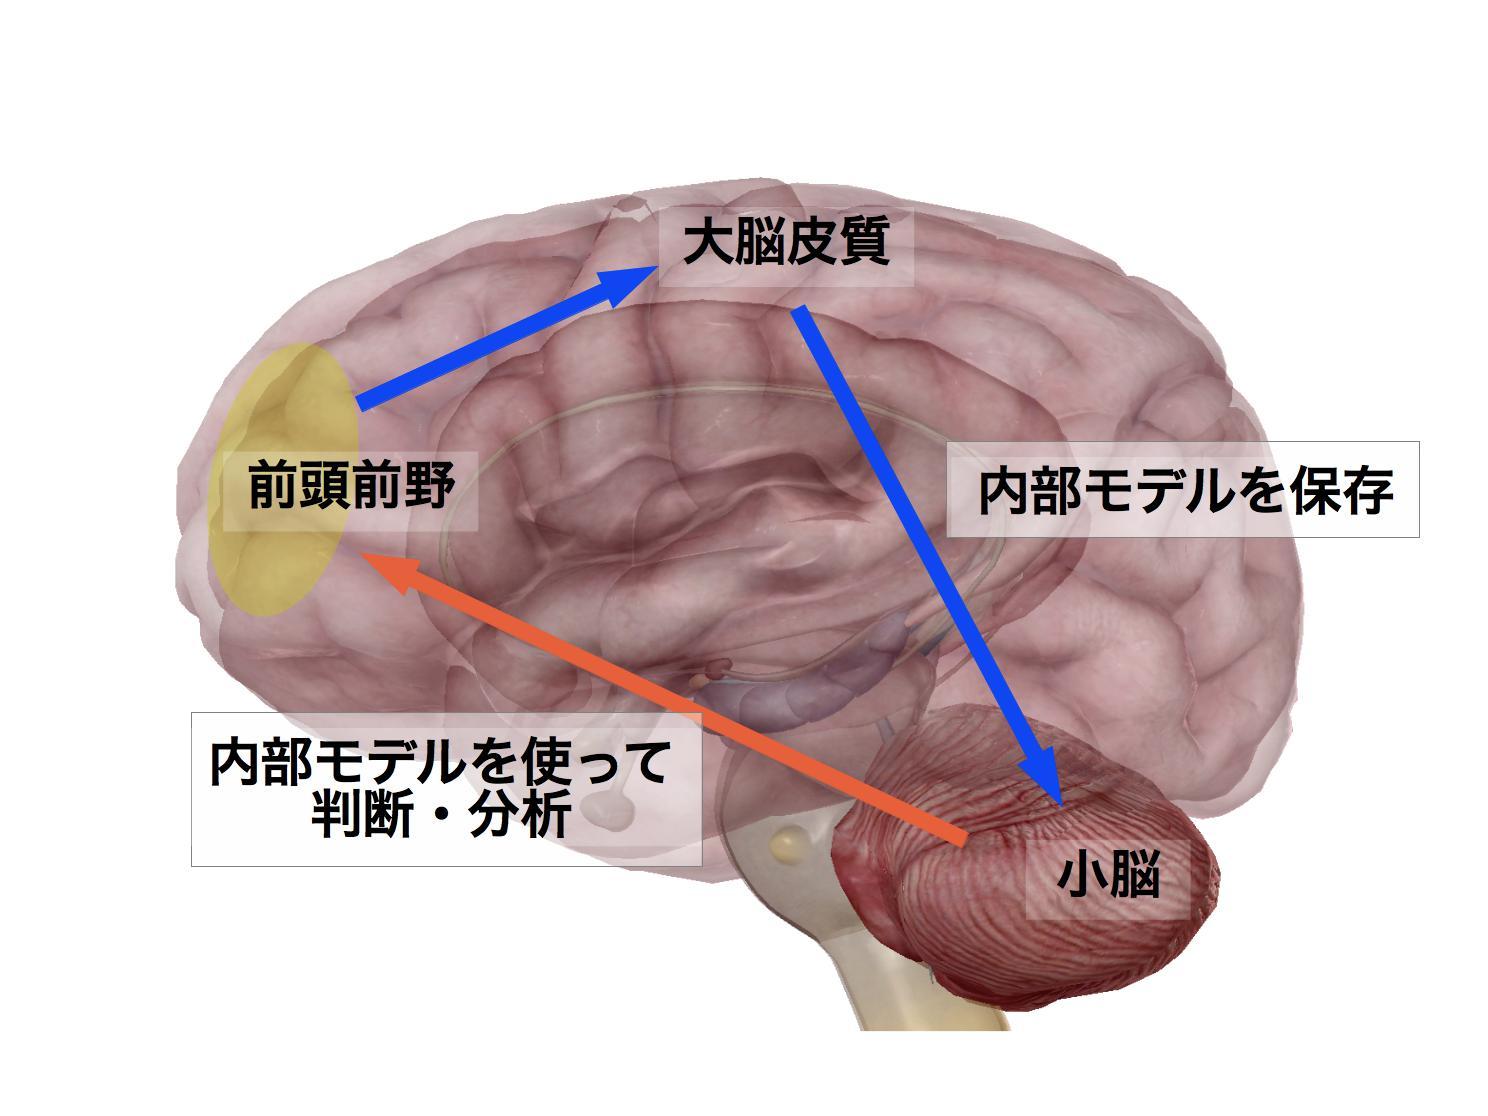 小脳の内部モデル